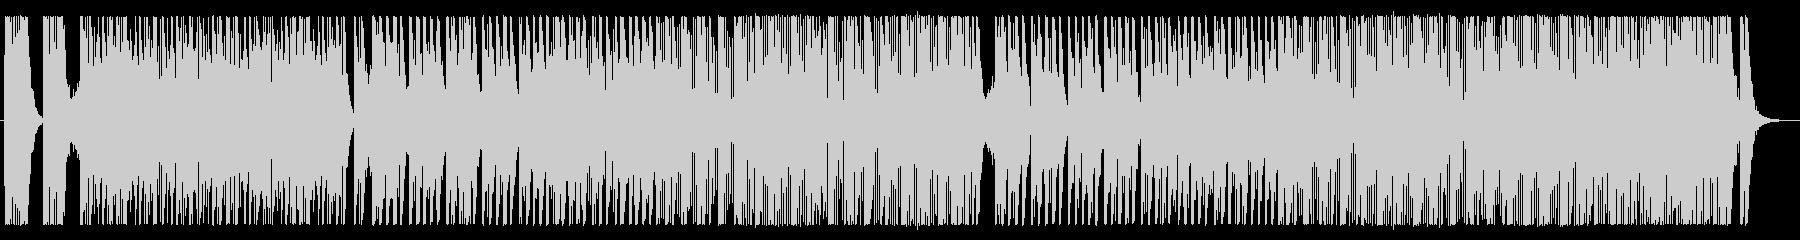 荒々しい和太鼓アンサンブルの未再生の波形